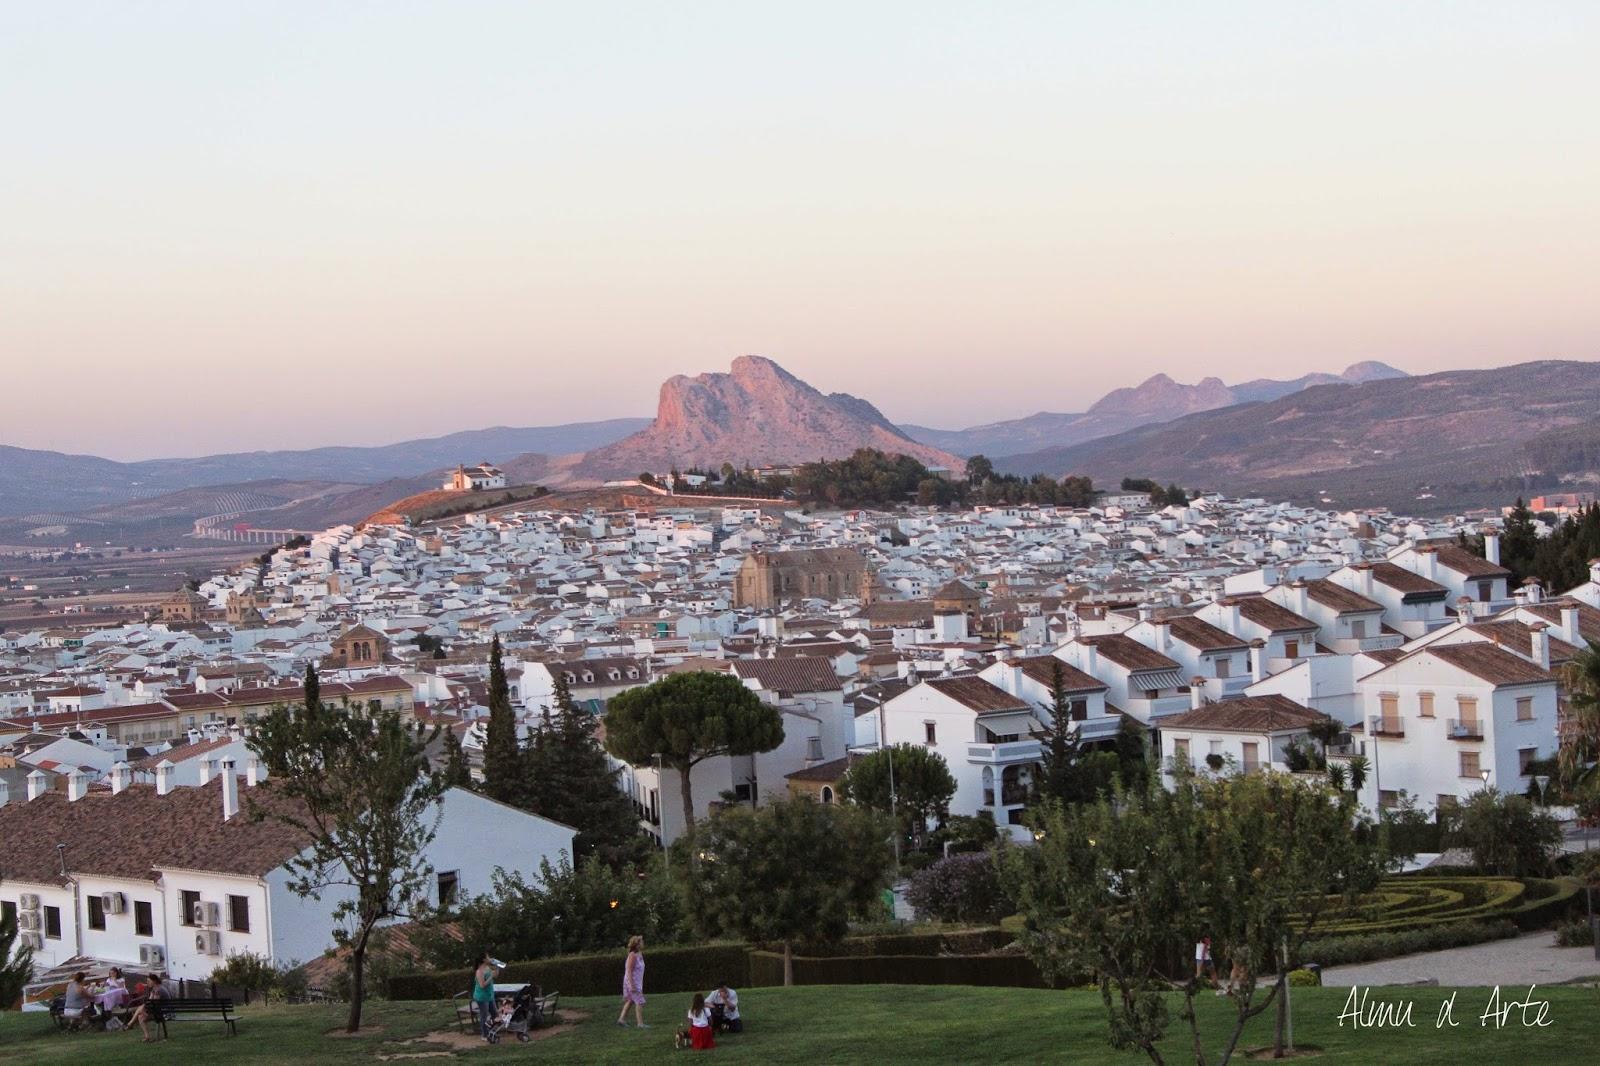 Vistas de la ciudad de Antequera